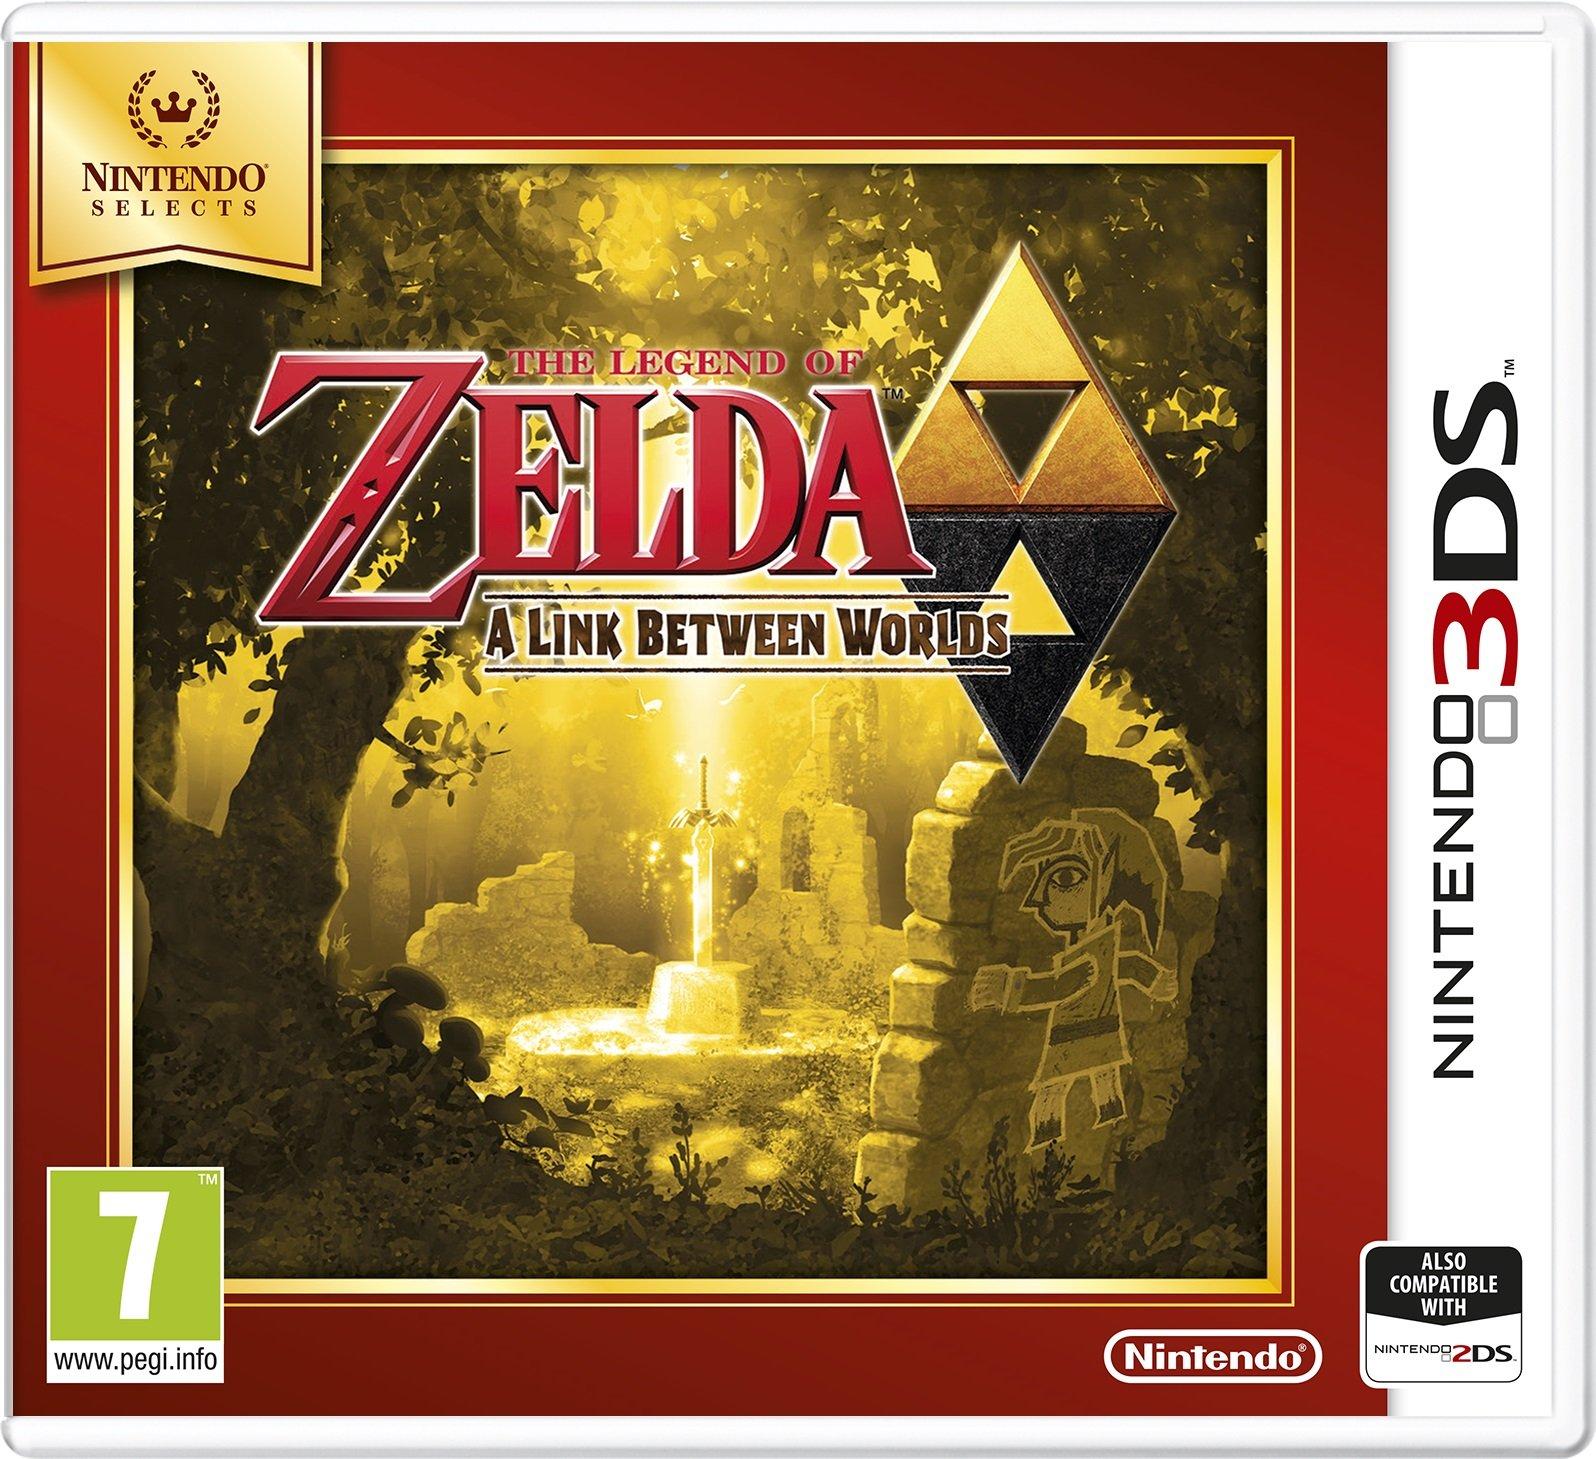 Nintendo Selects - Legend of Zelda: A Link Between Worlds (Nintendo 3DS)